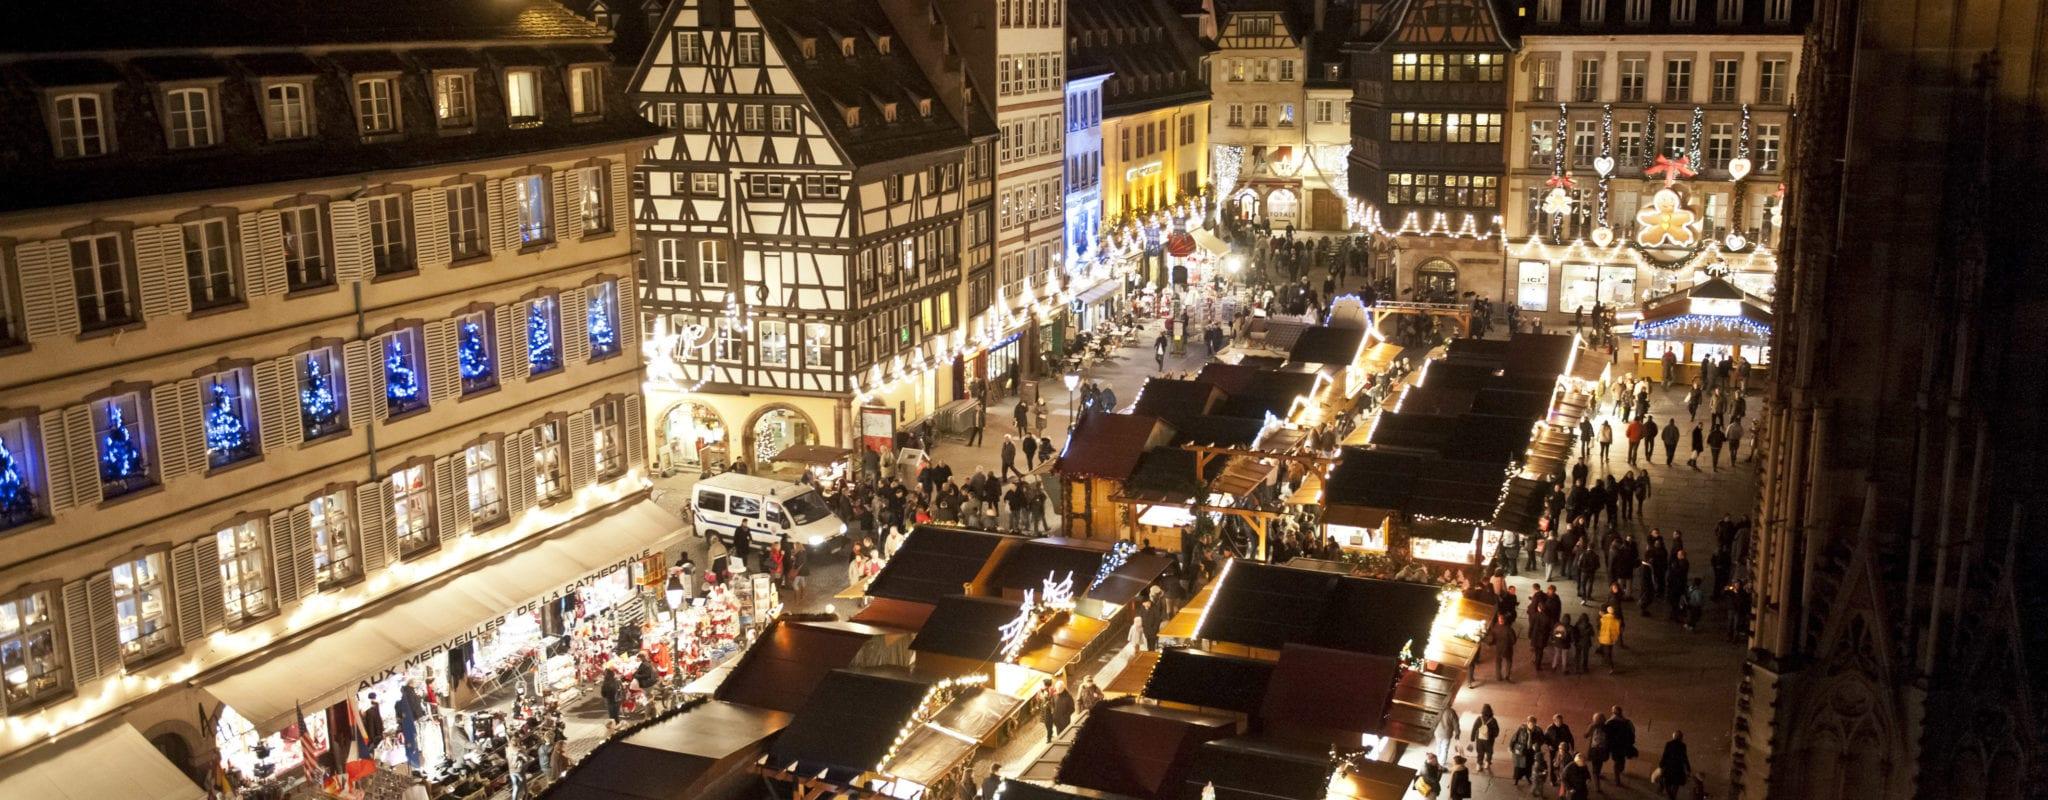 ? Revoir la présentation du Marché de Noël de Strasbourg en direct?